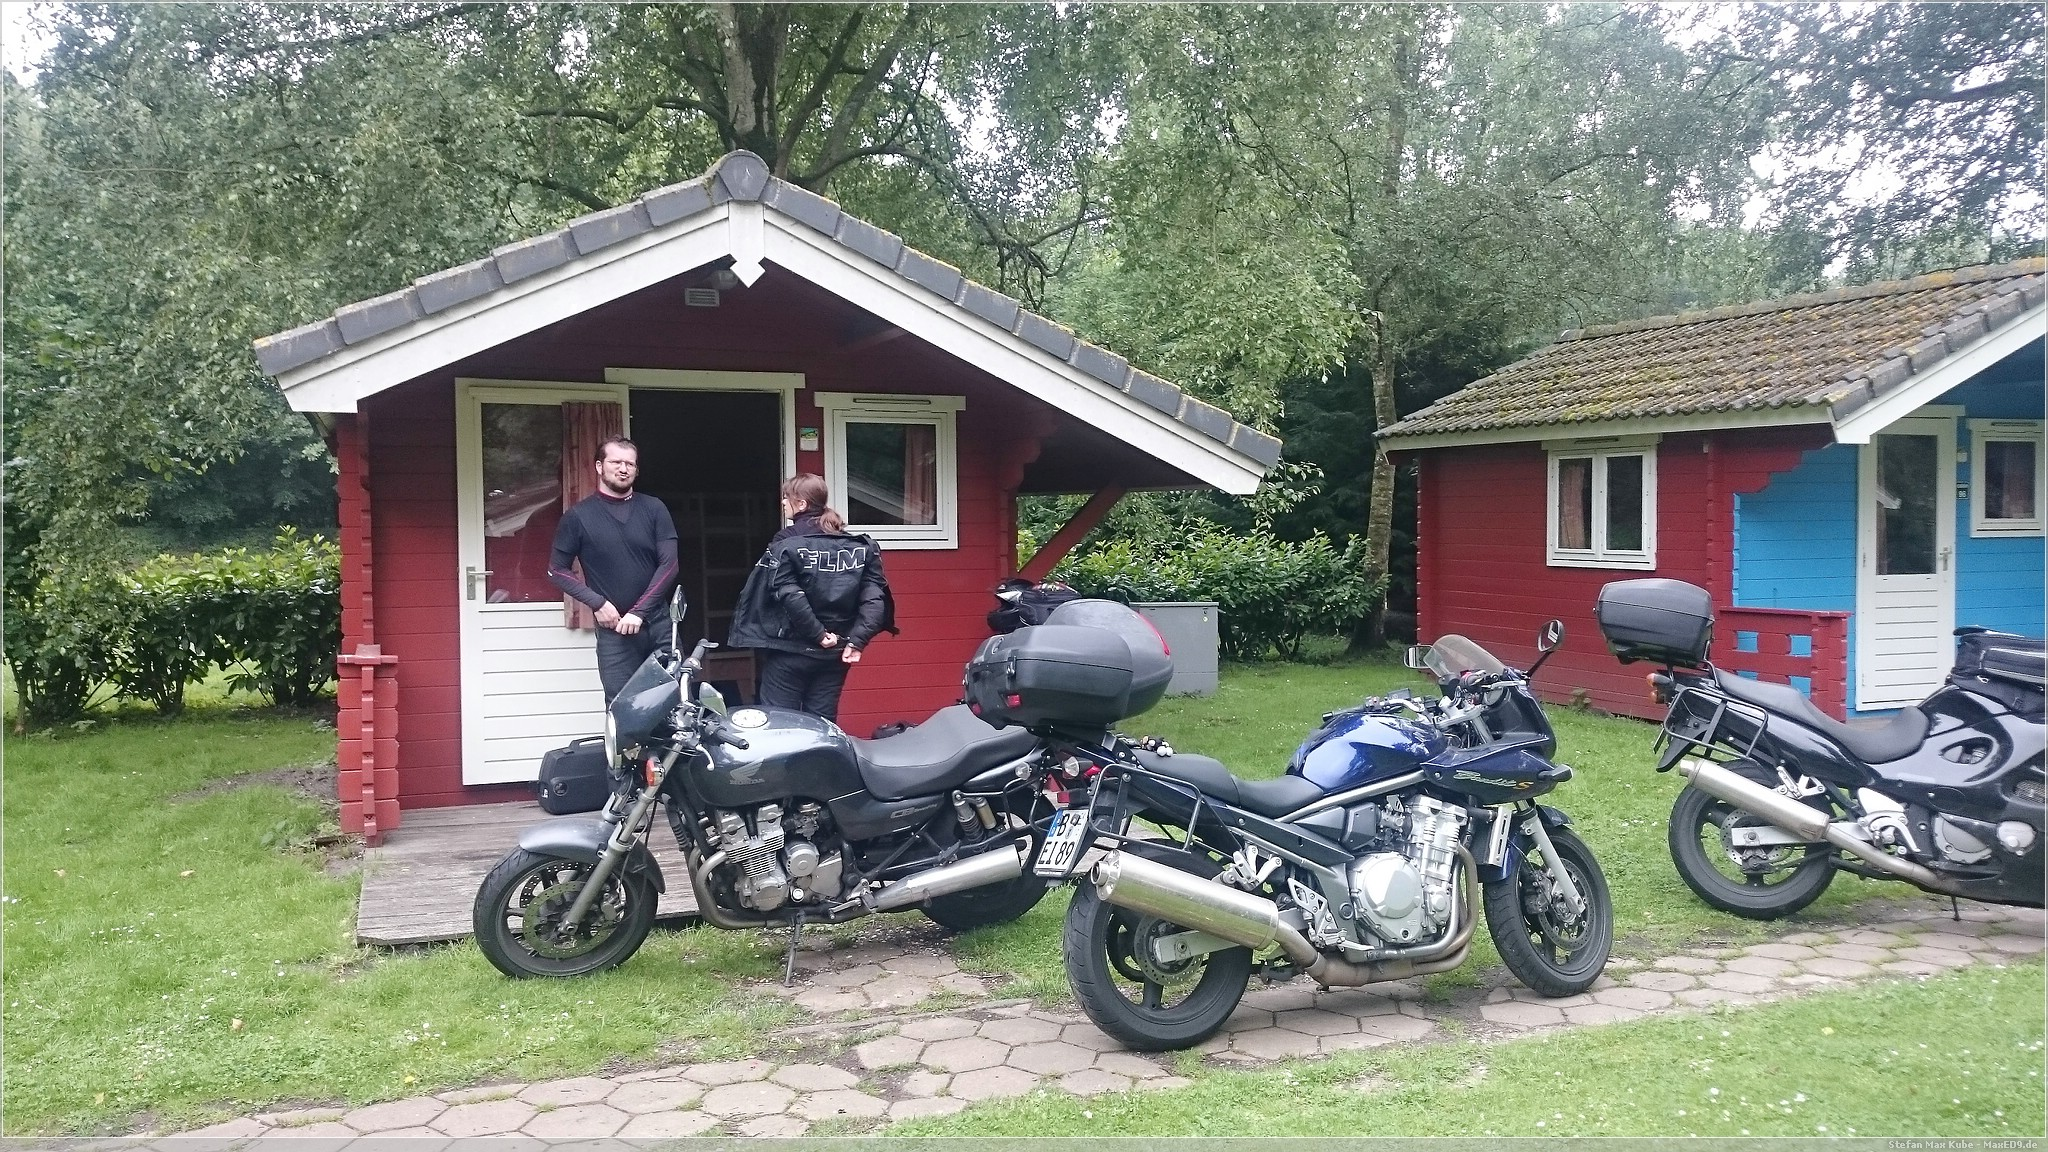 Hütte auf dem Campingplatz in Amsterdam